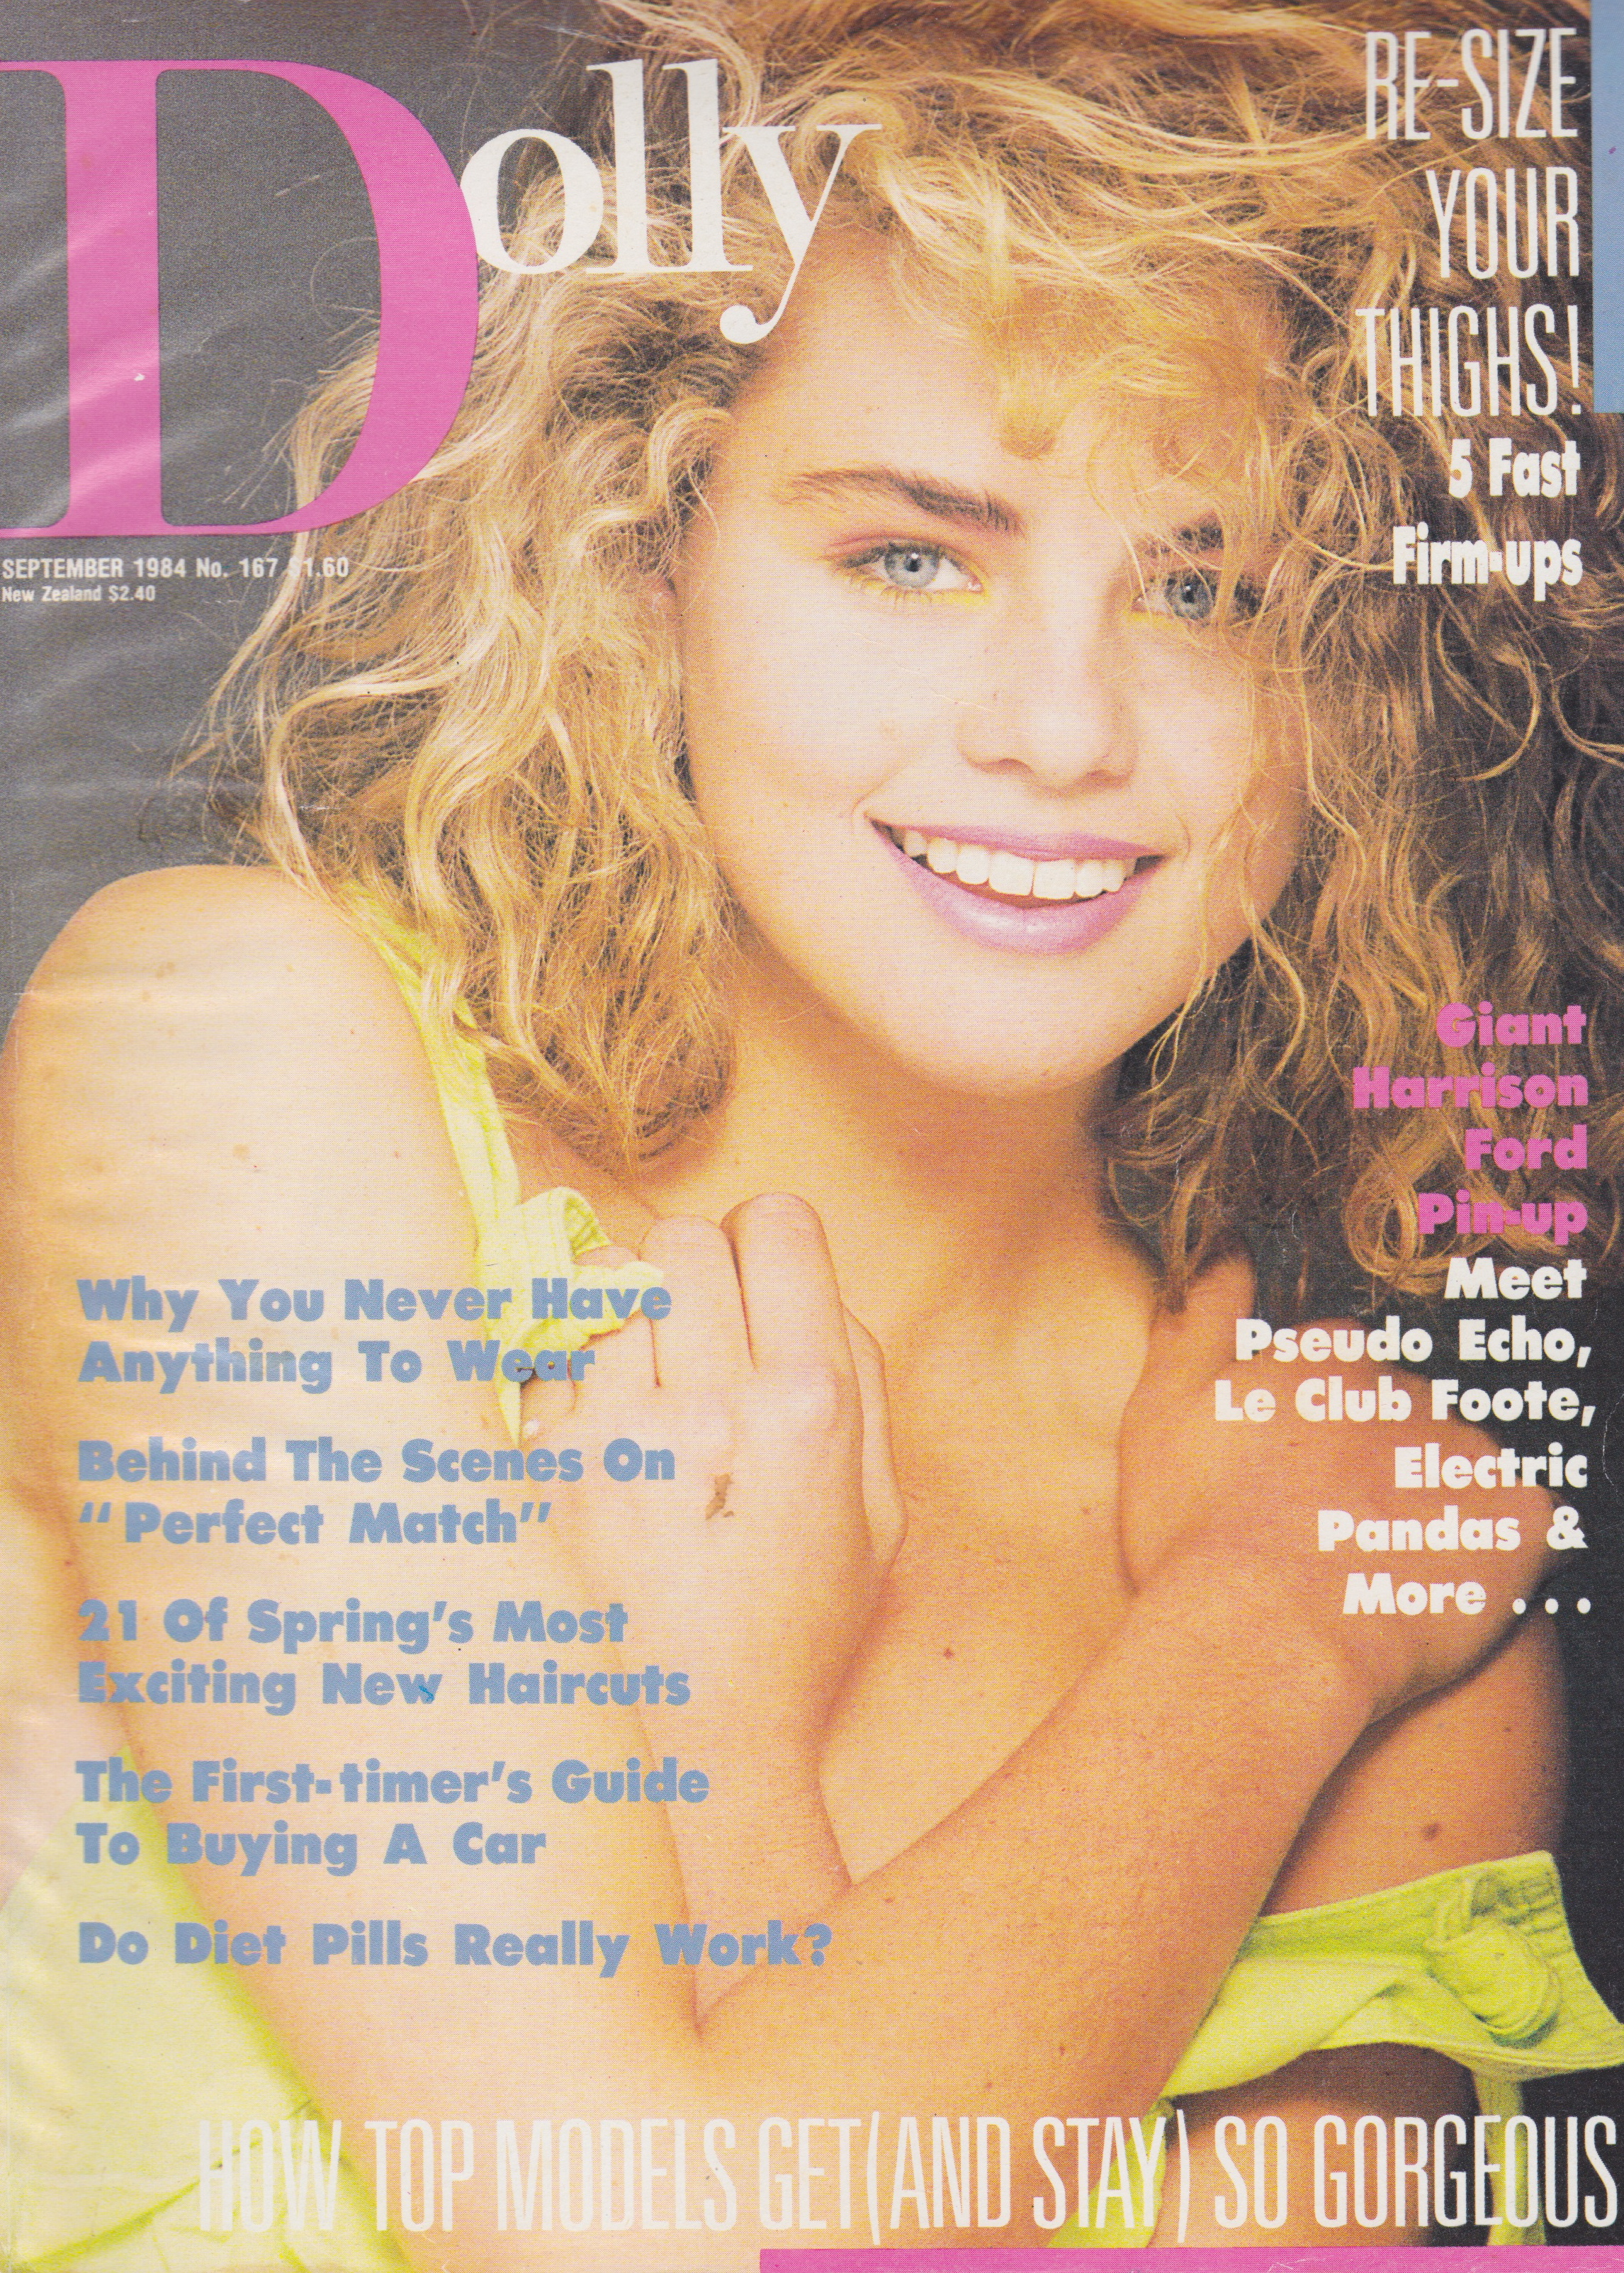 Dolly September 1984